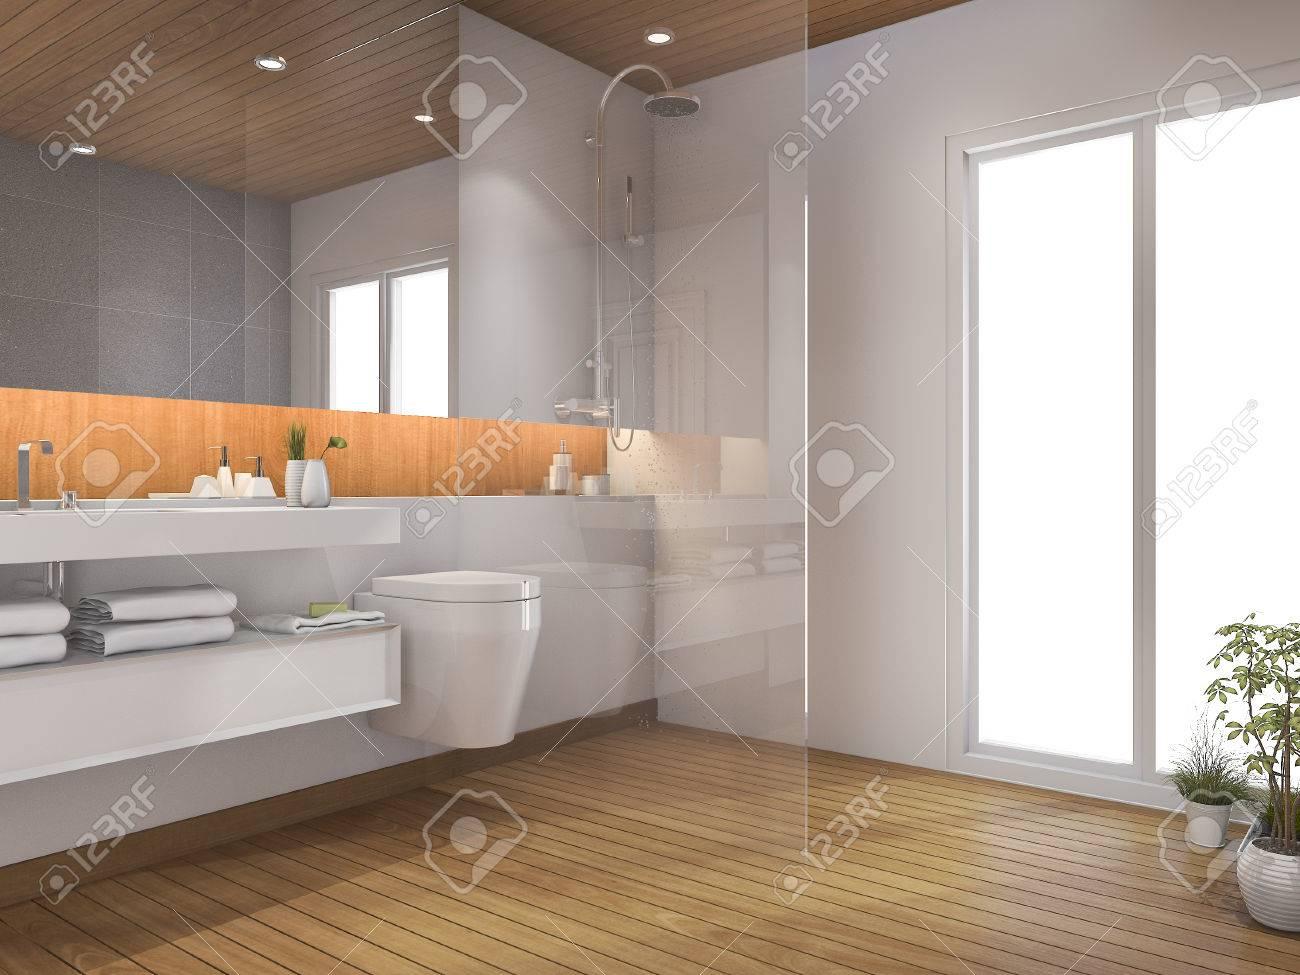 3d Rendering Holz Badezimmer Und WC In Der Nähe Von Fenster ...